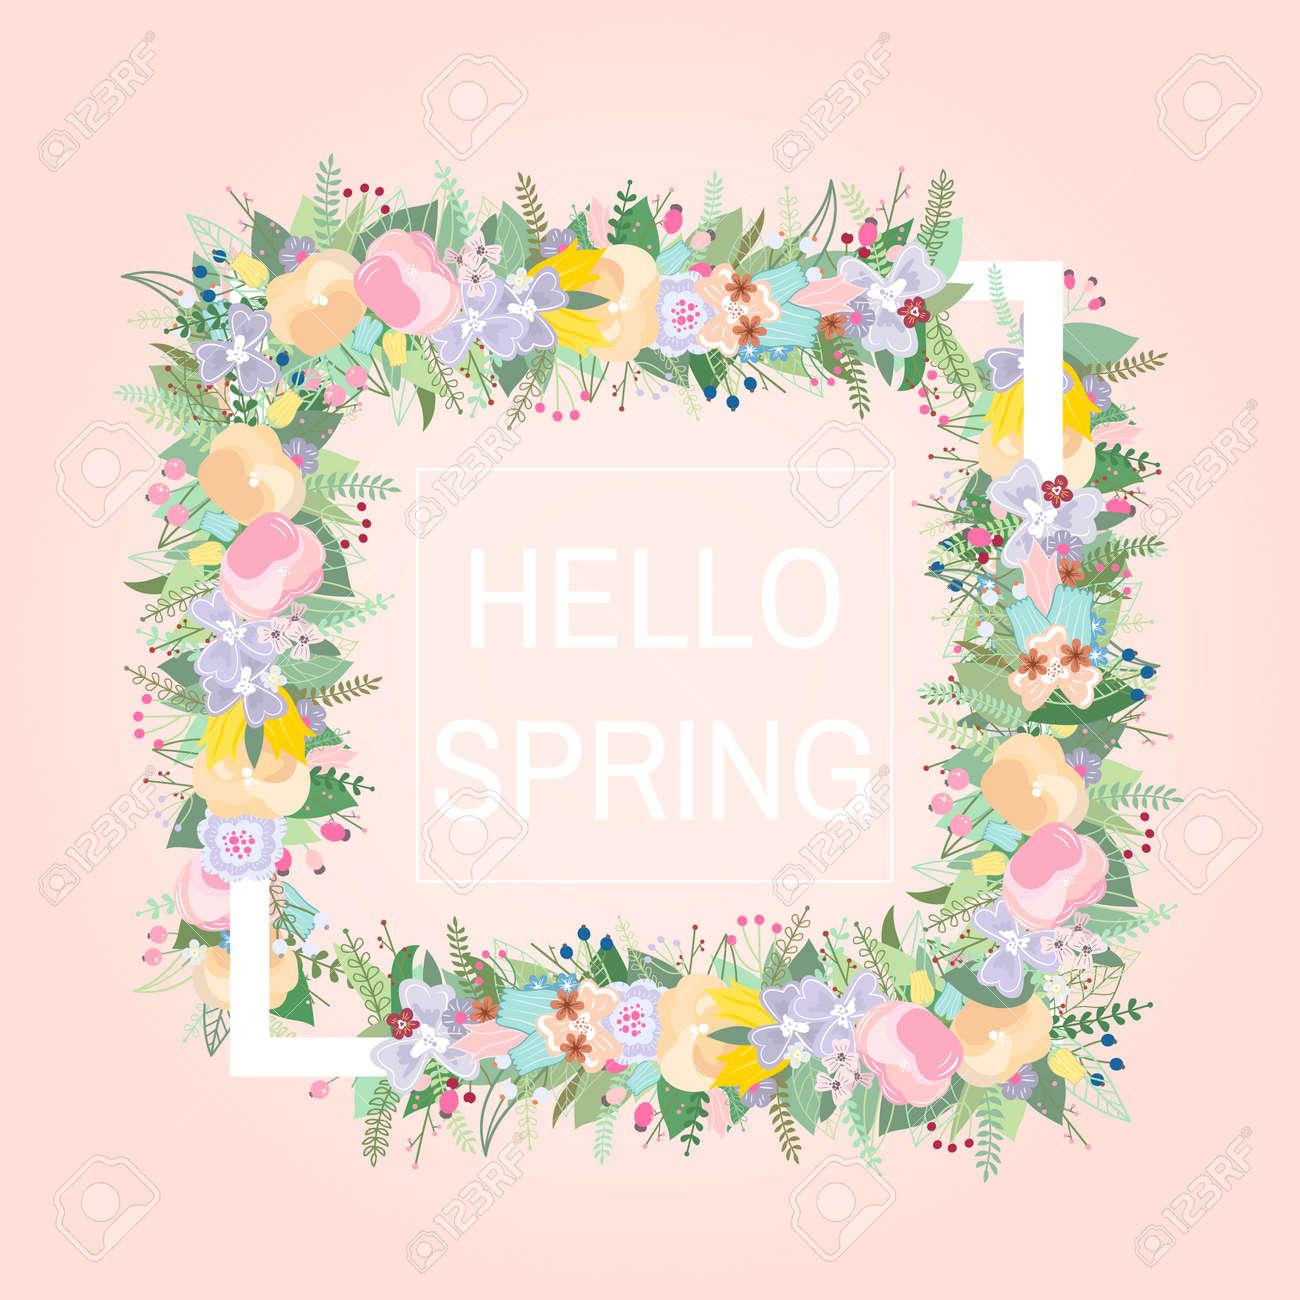 Marco Floral Con Lugar De Texto Diseño Para Crear Tarjetas Tarjetas De Invitación Para Bodas Cumpleaños Etc Ilustración Del Vector